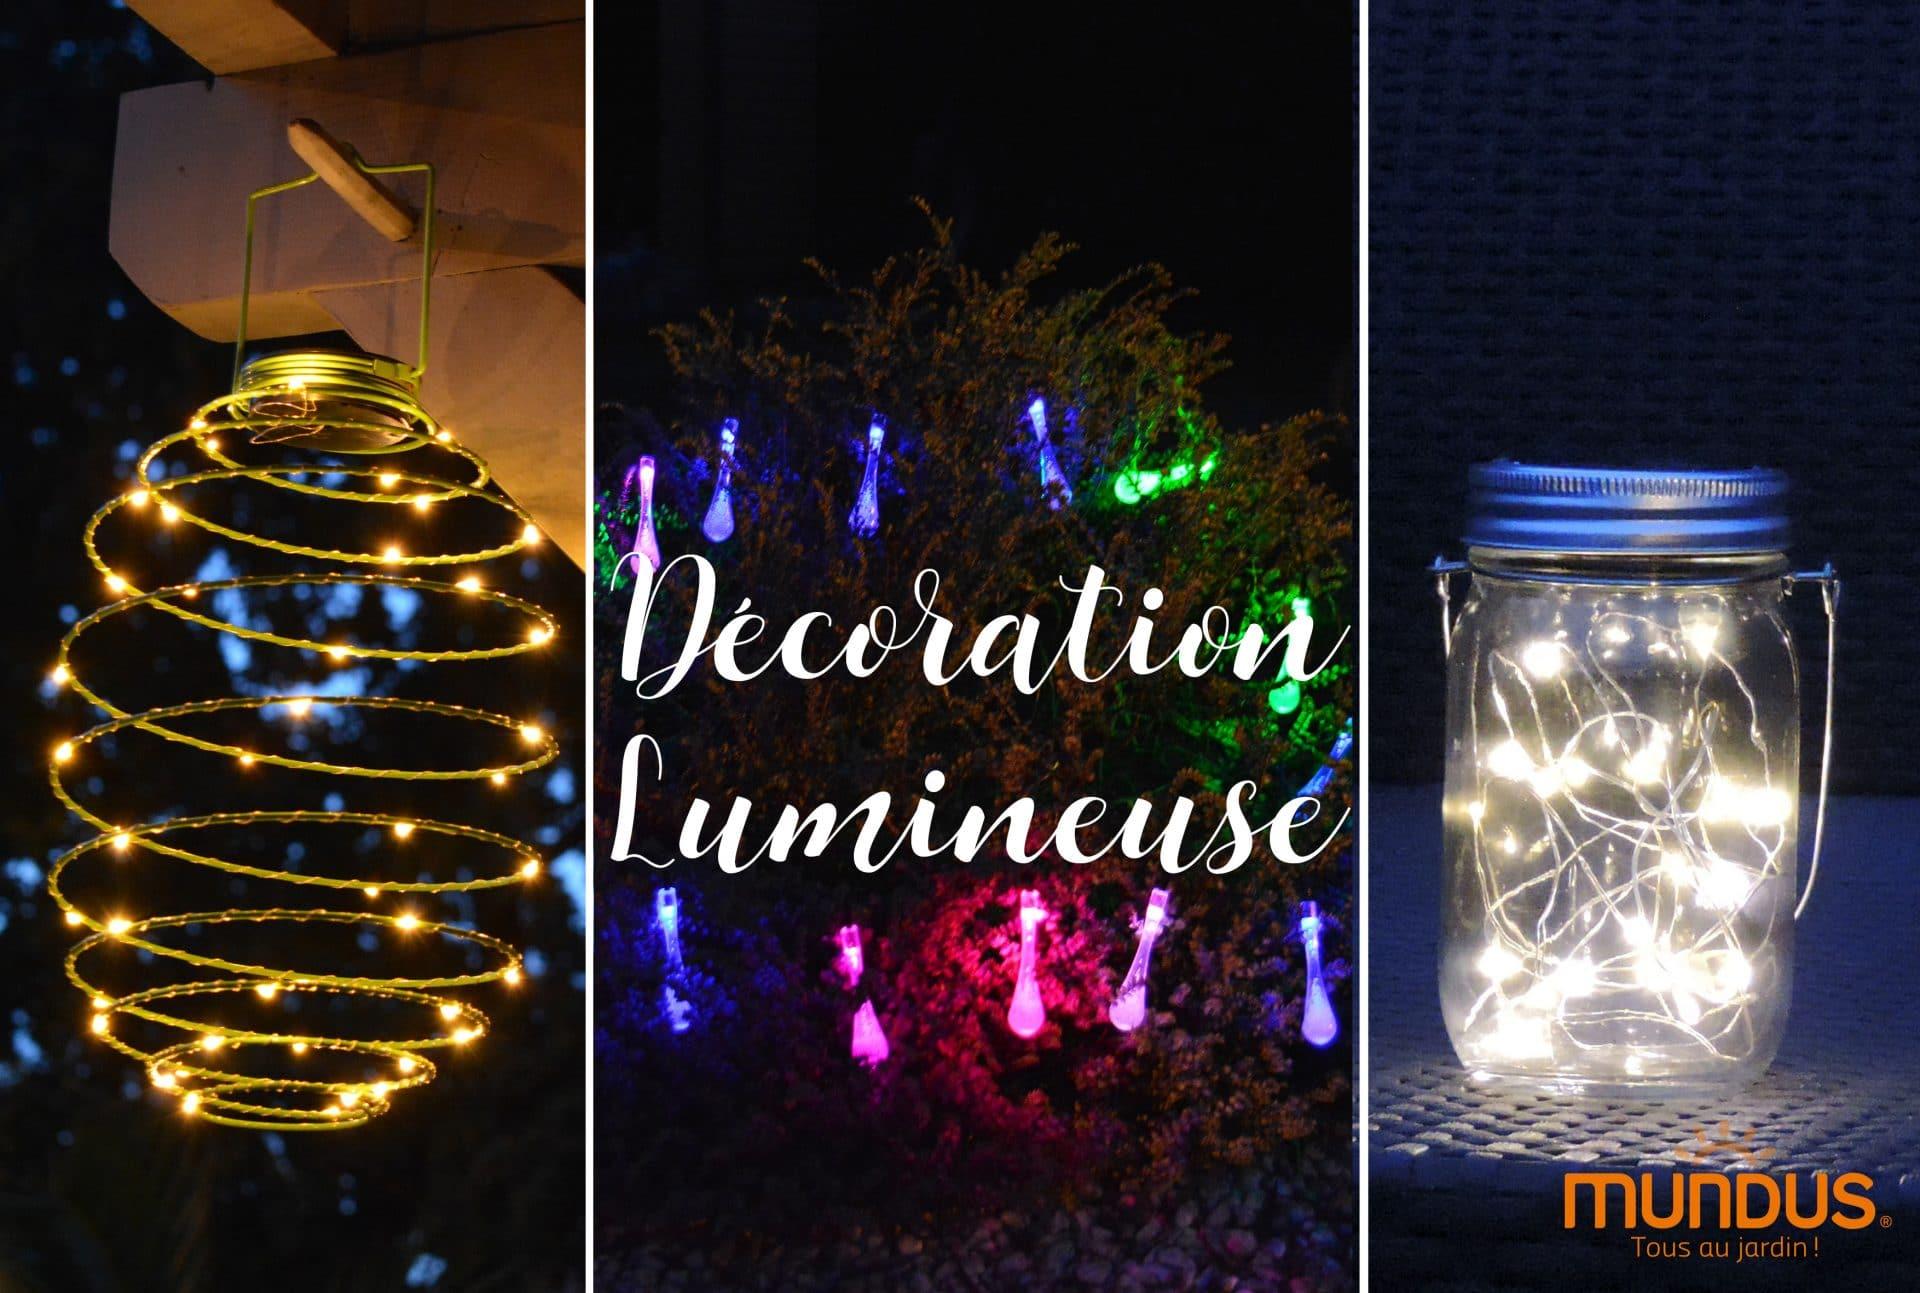 Deco De Noel Dans Le Jardin mundus®, bright and magical decorations for christmas! | aic